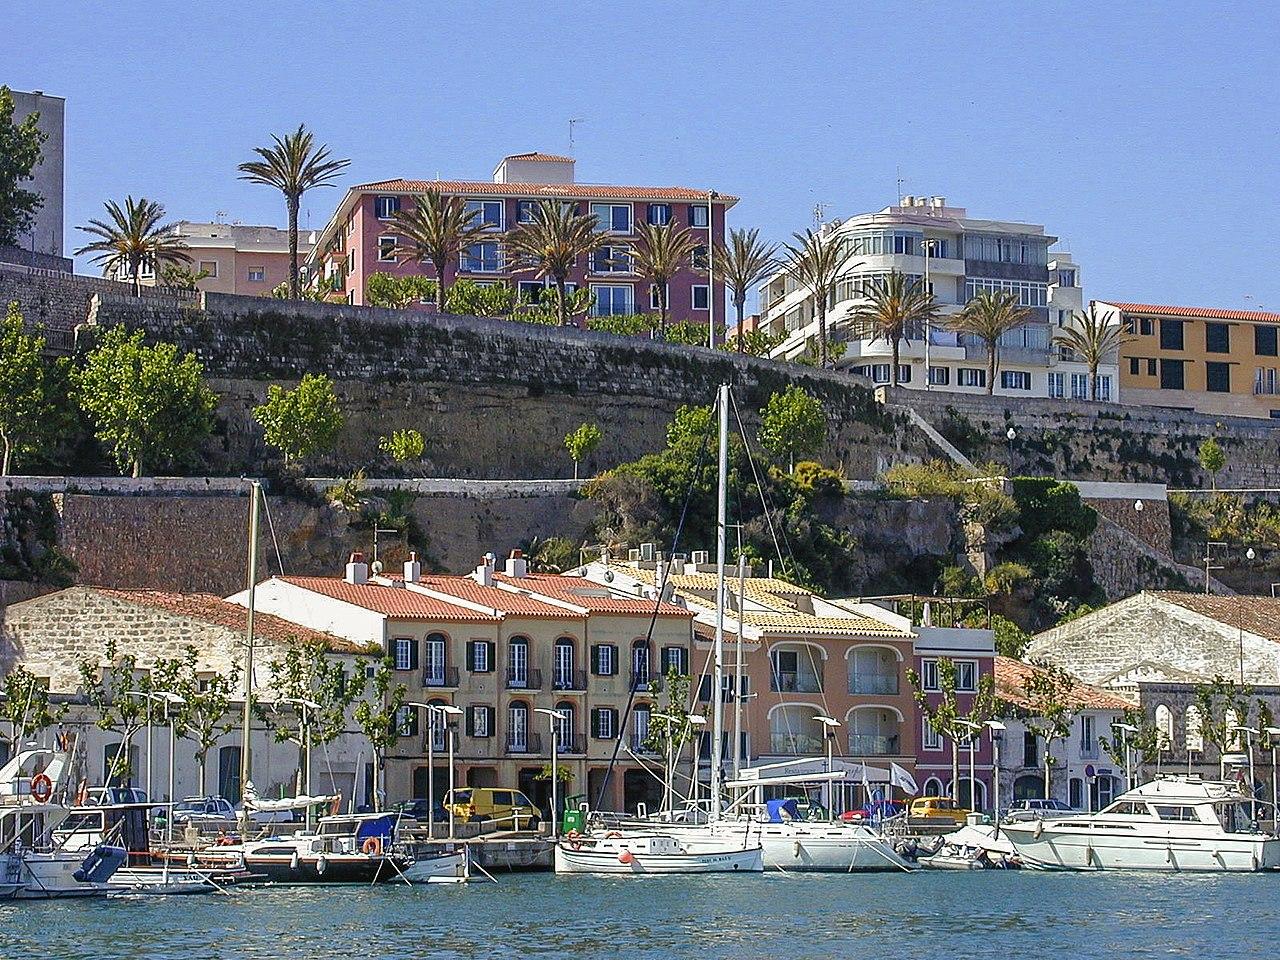 Puerto de Mahón, Menorca